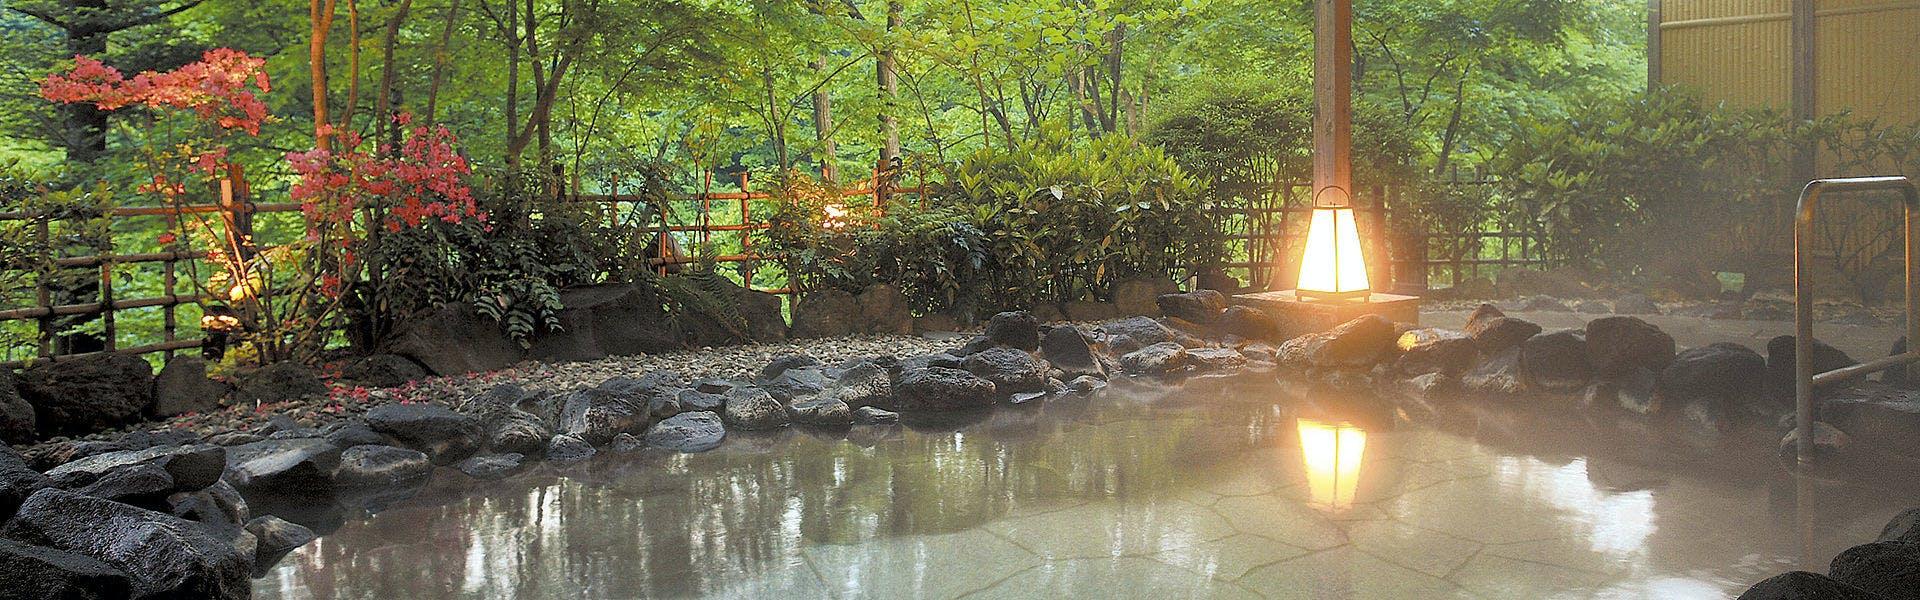 記念日におすすめのホテル・ホテルきよ水の写真2